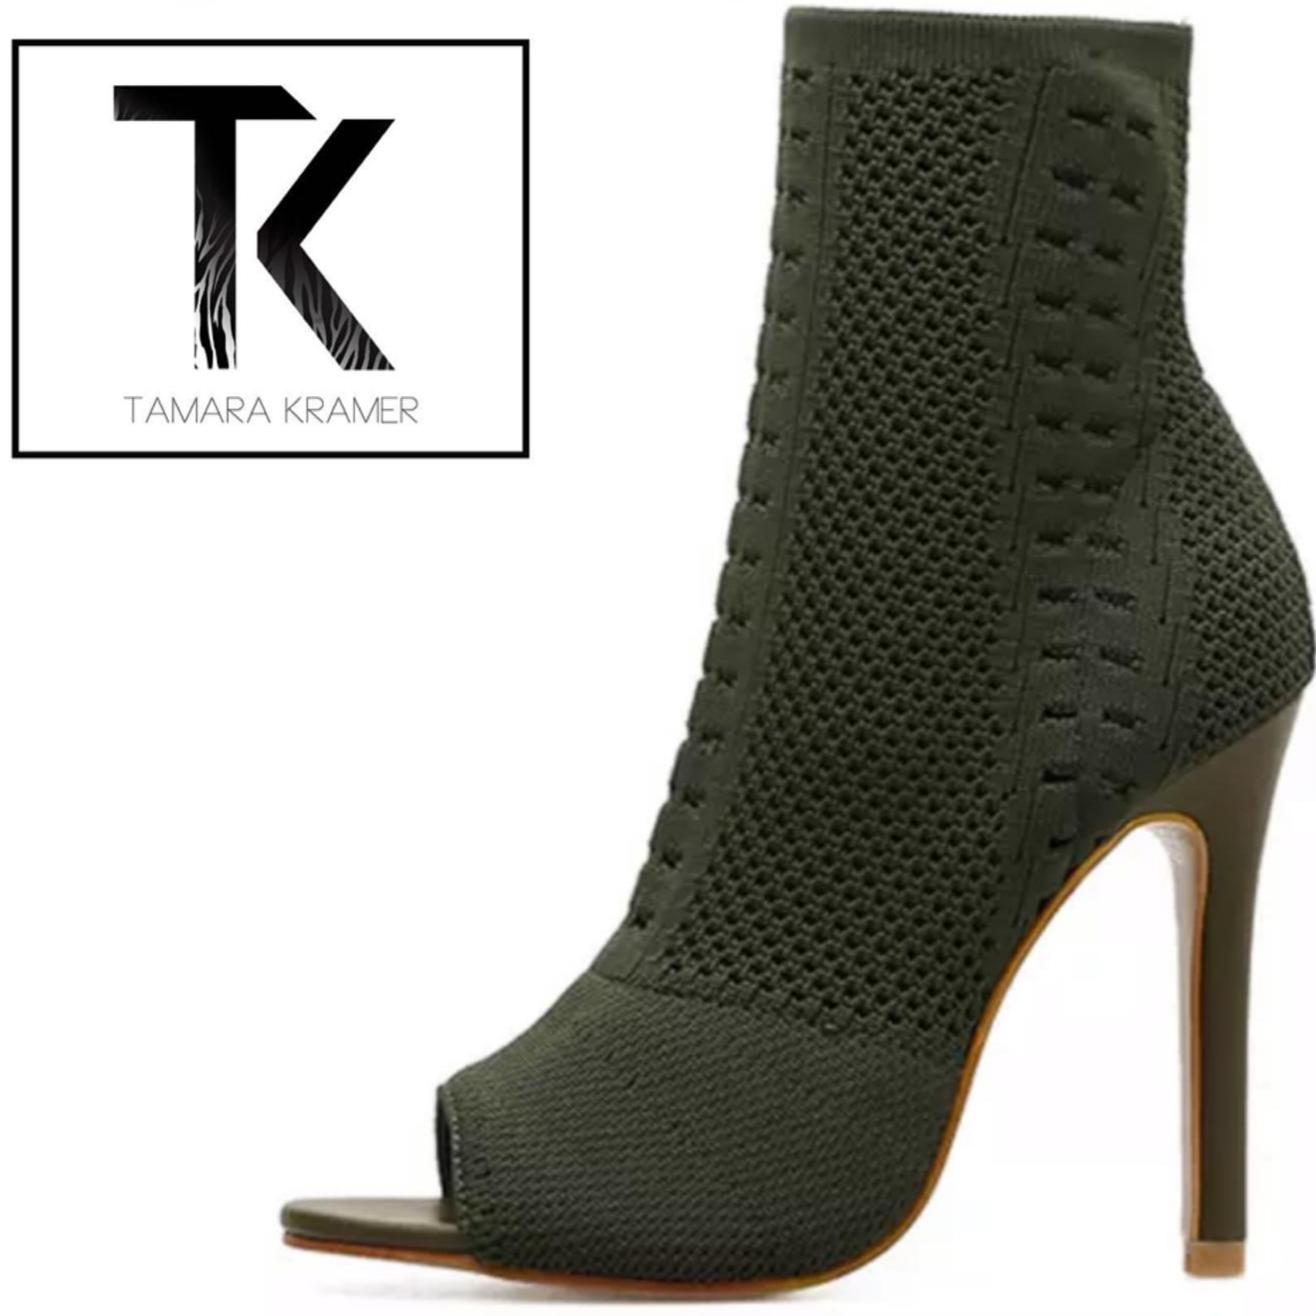 Tamara-Kramer-khaki-open-toe-heels